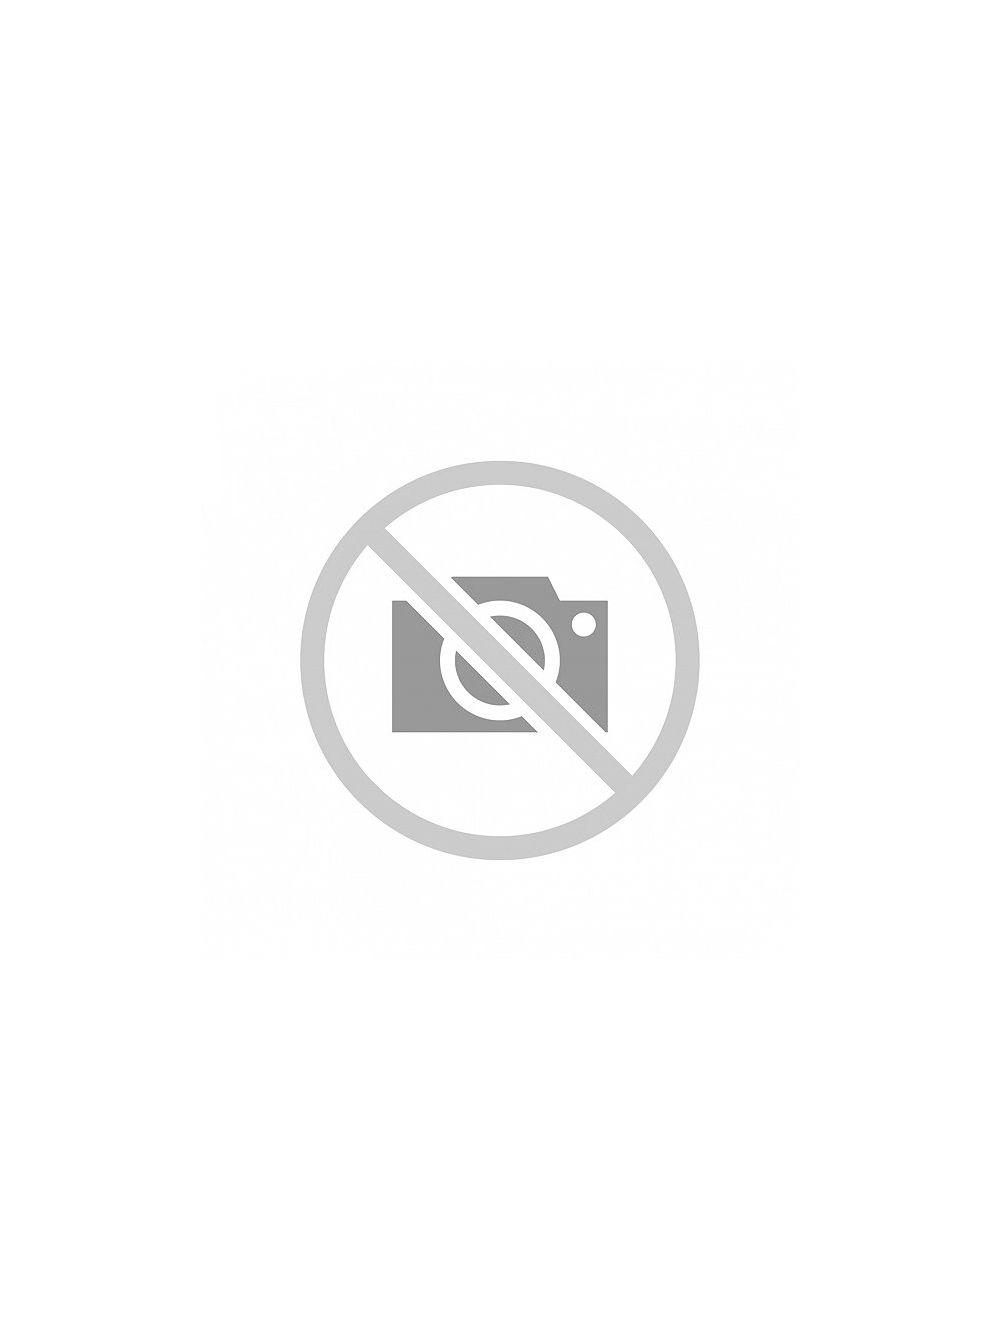 Sunny 185/55R15 H WinterMax XL A1 DOT16 Téli gumi